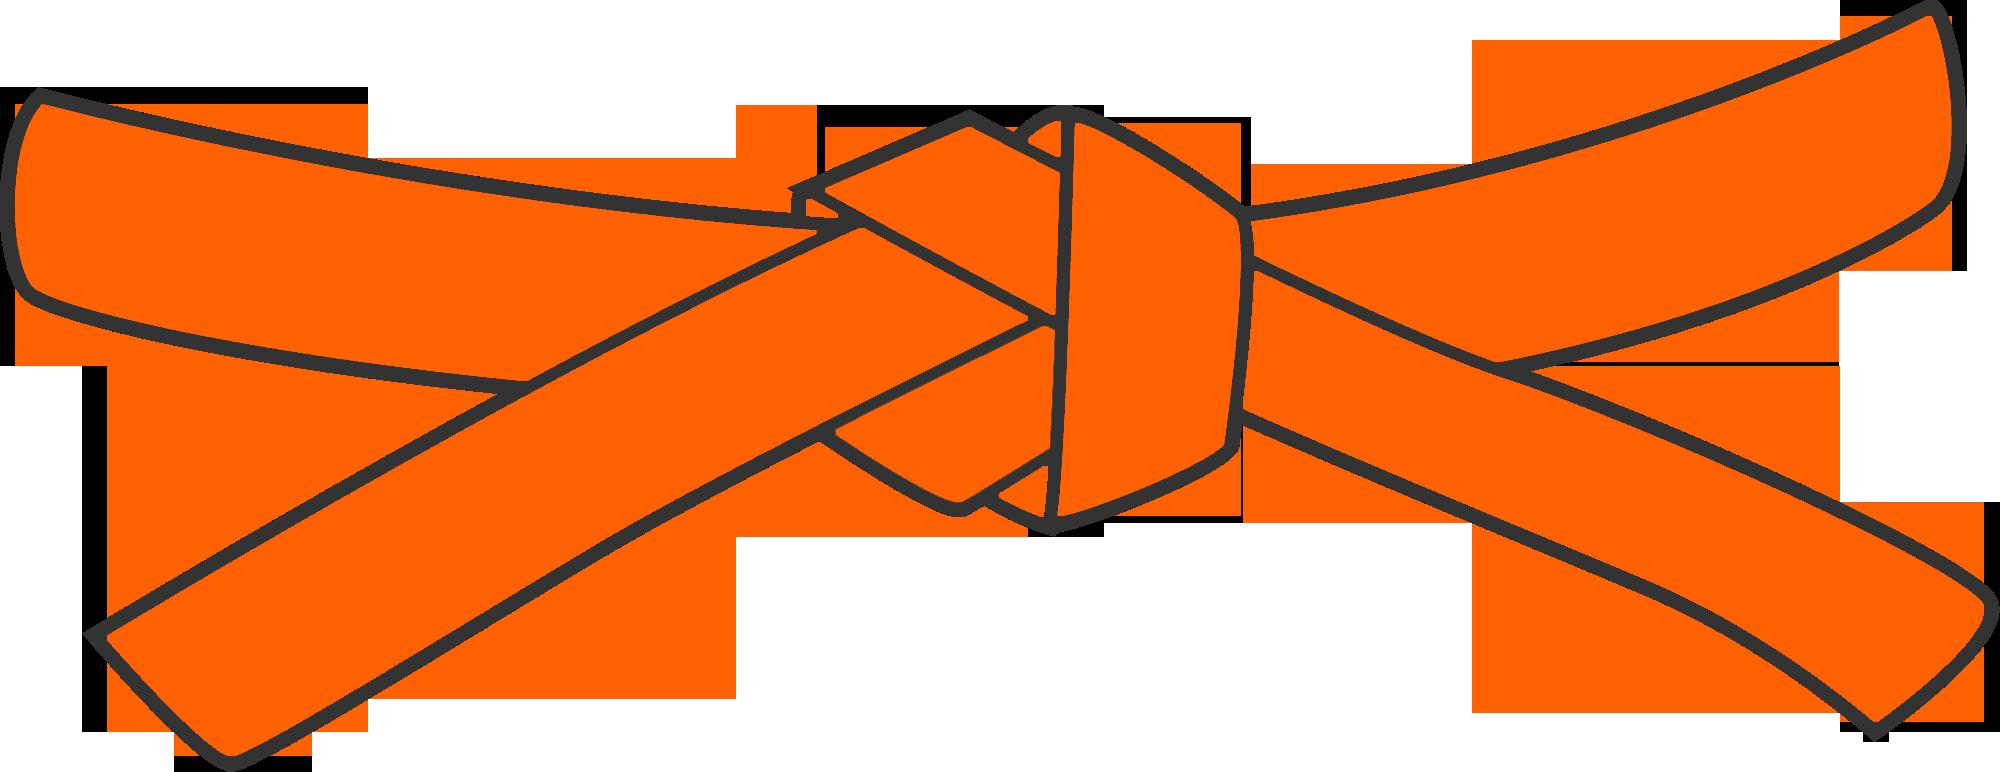 athlete meet results. Warrior clipart orange